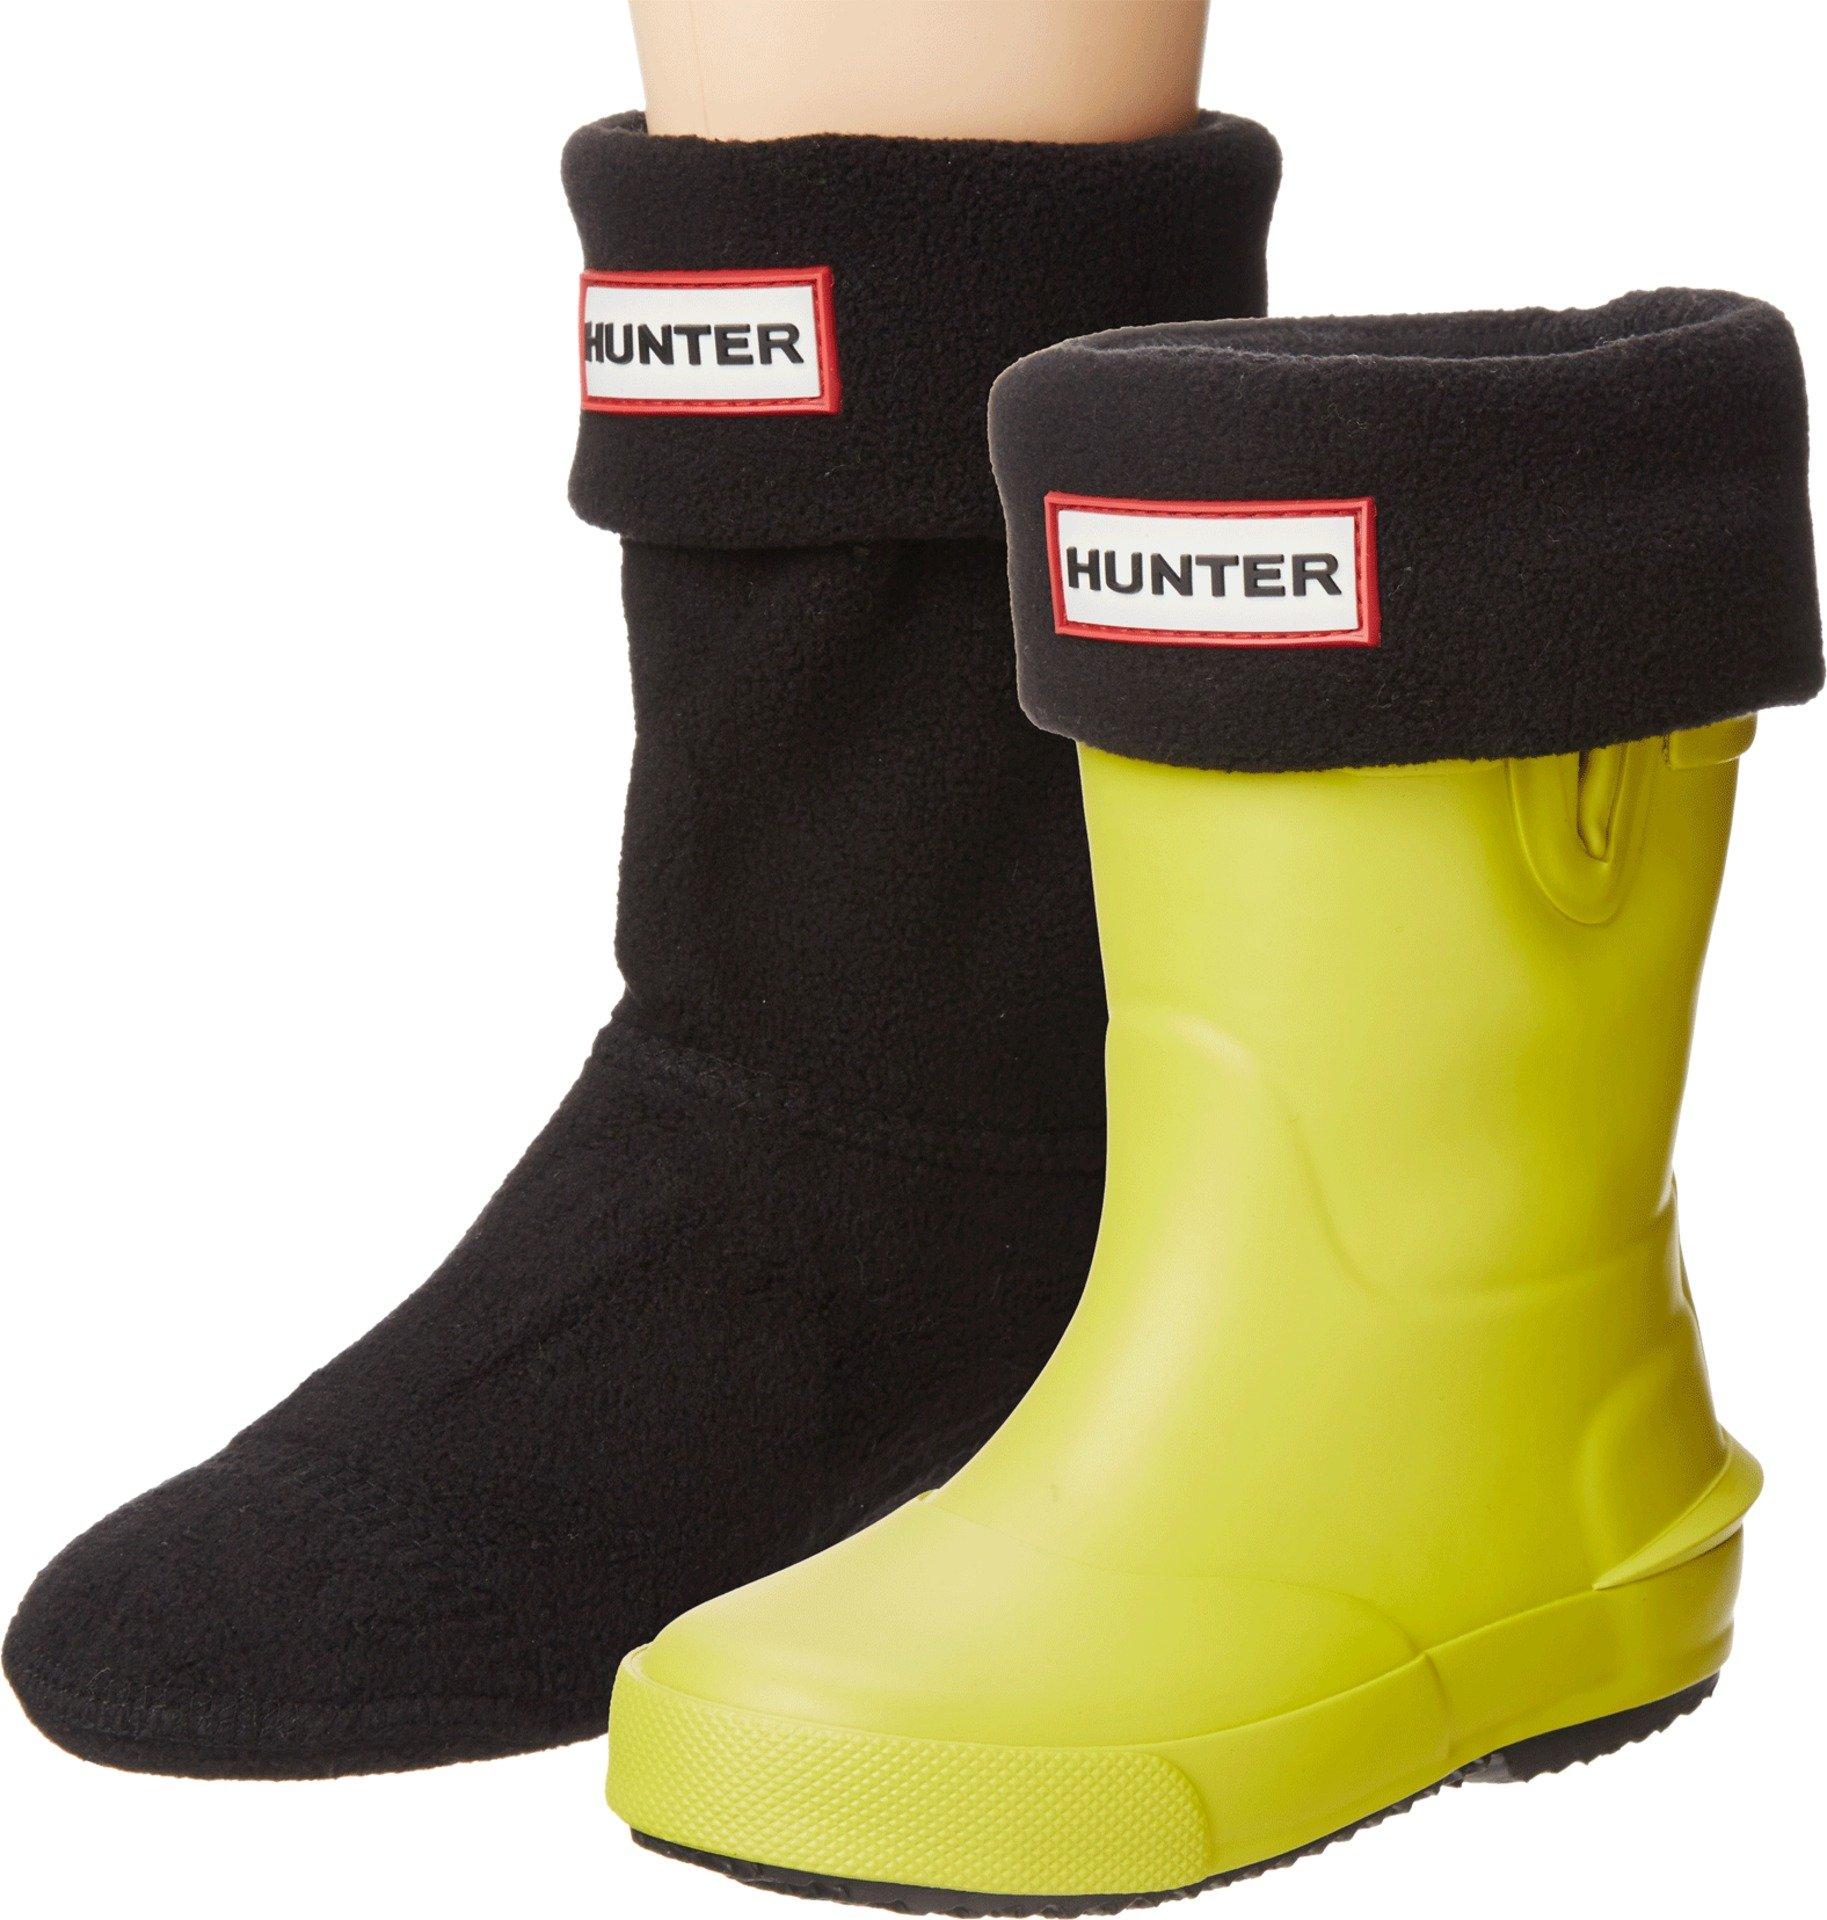 Hunter Kids Unisex Boot Sock (Toddler/Little Kid/Big Kid) Black Sock